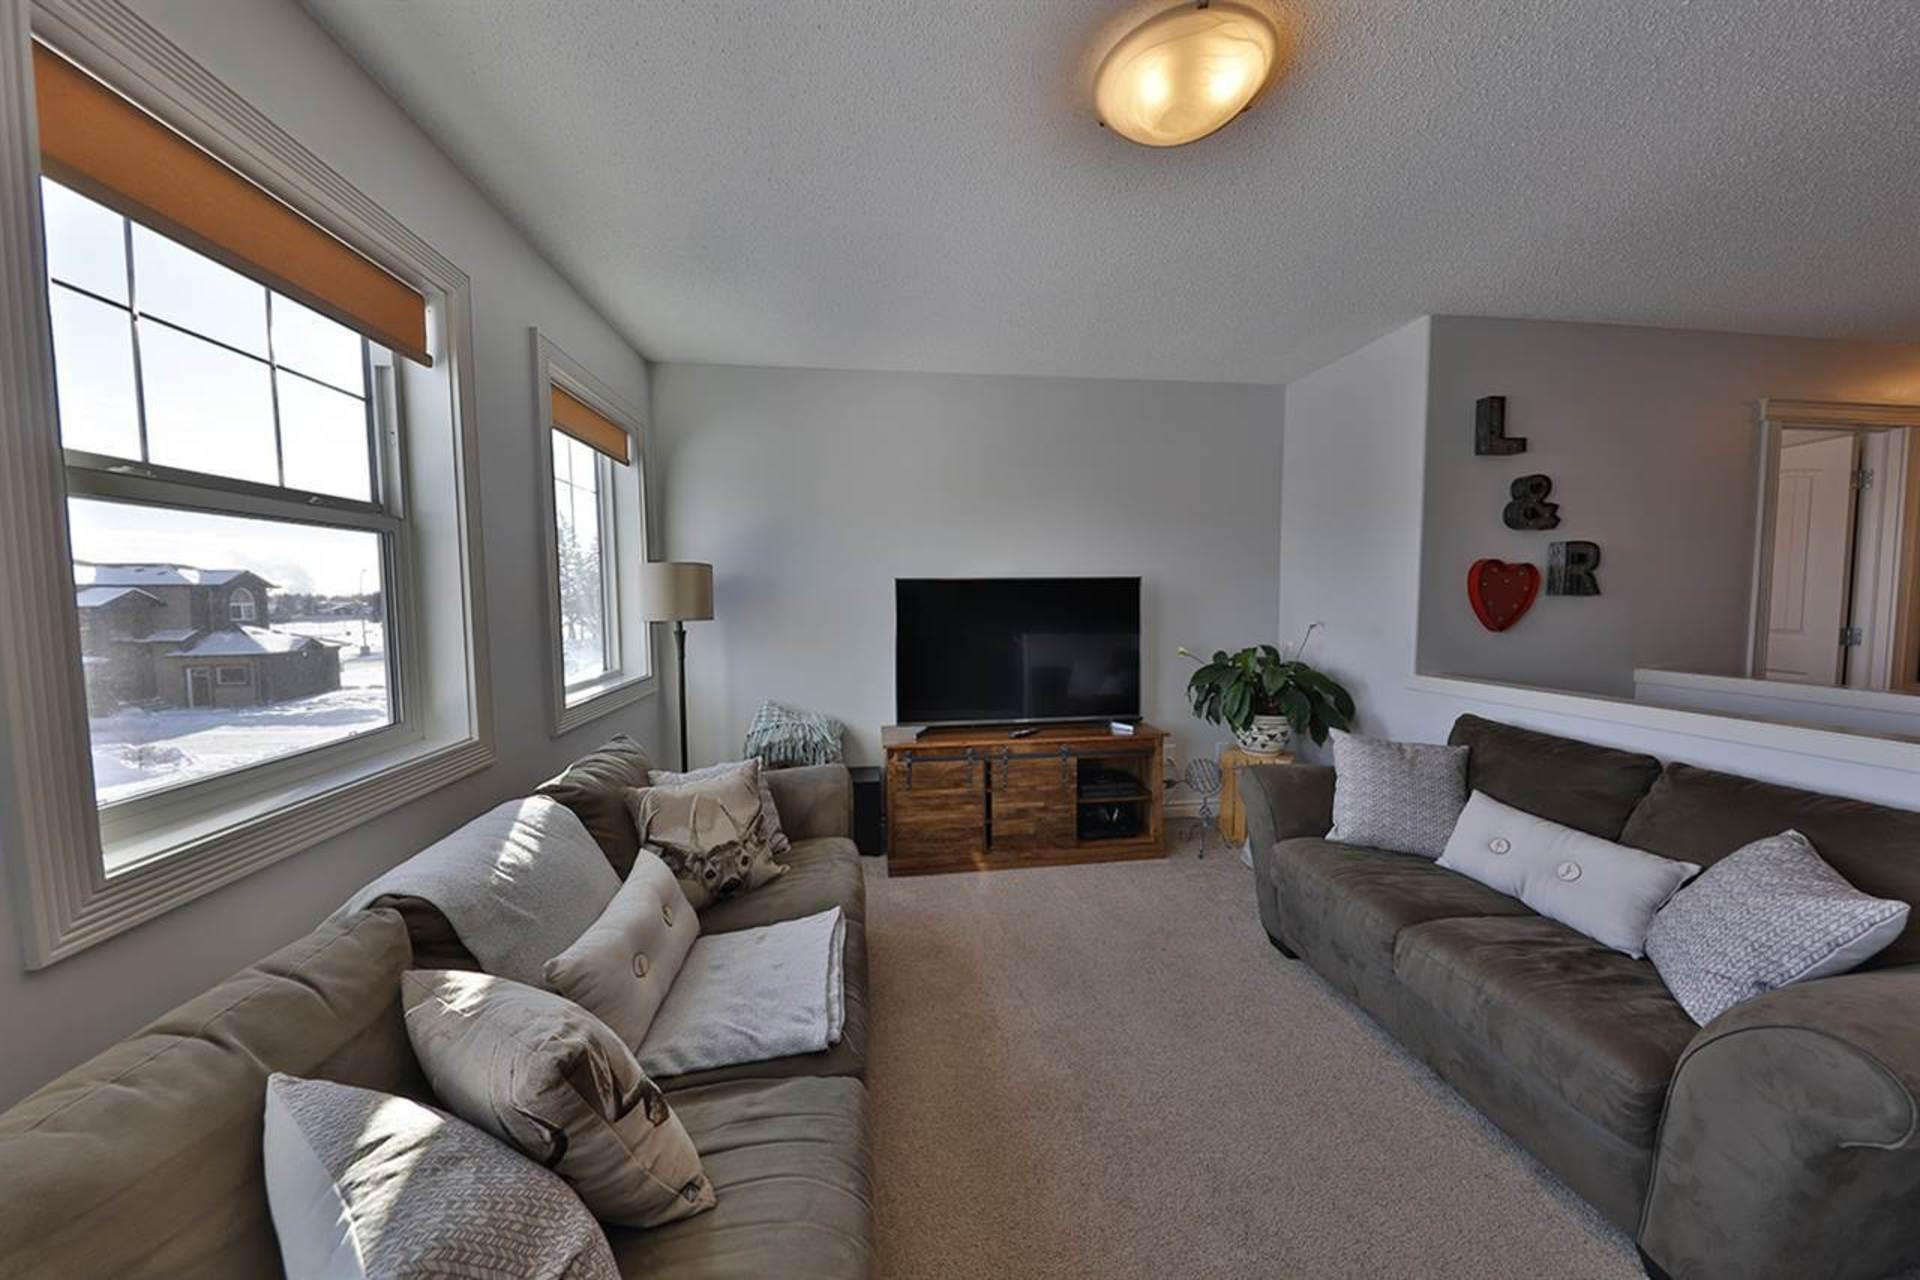 15134-33-street-kirkness-edmonton-09 at 15134 33 Street, Kirkness, Edmonton